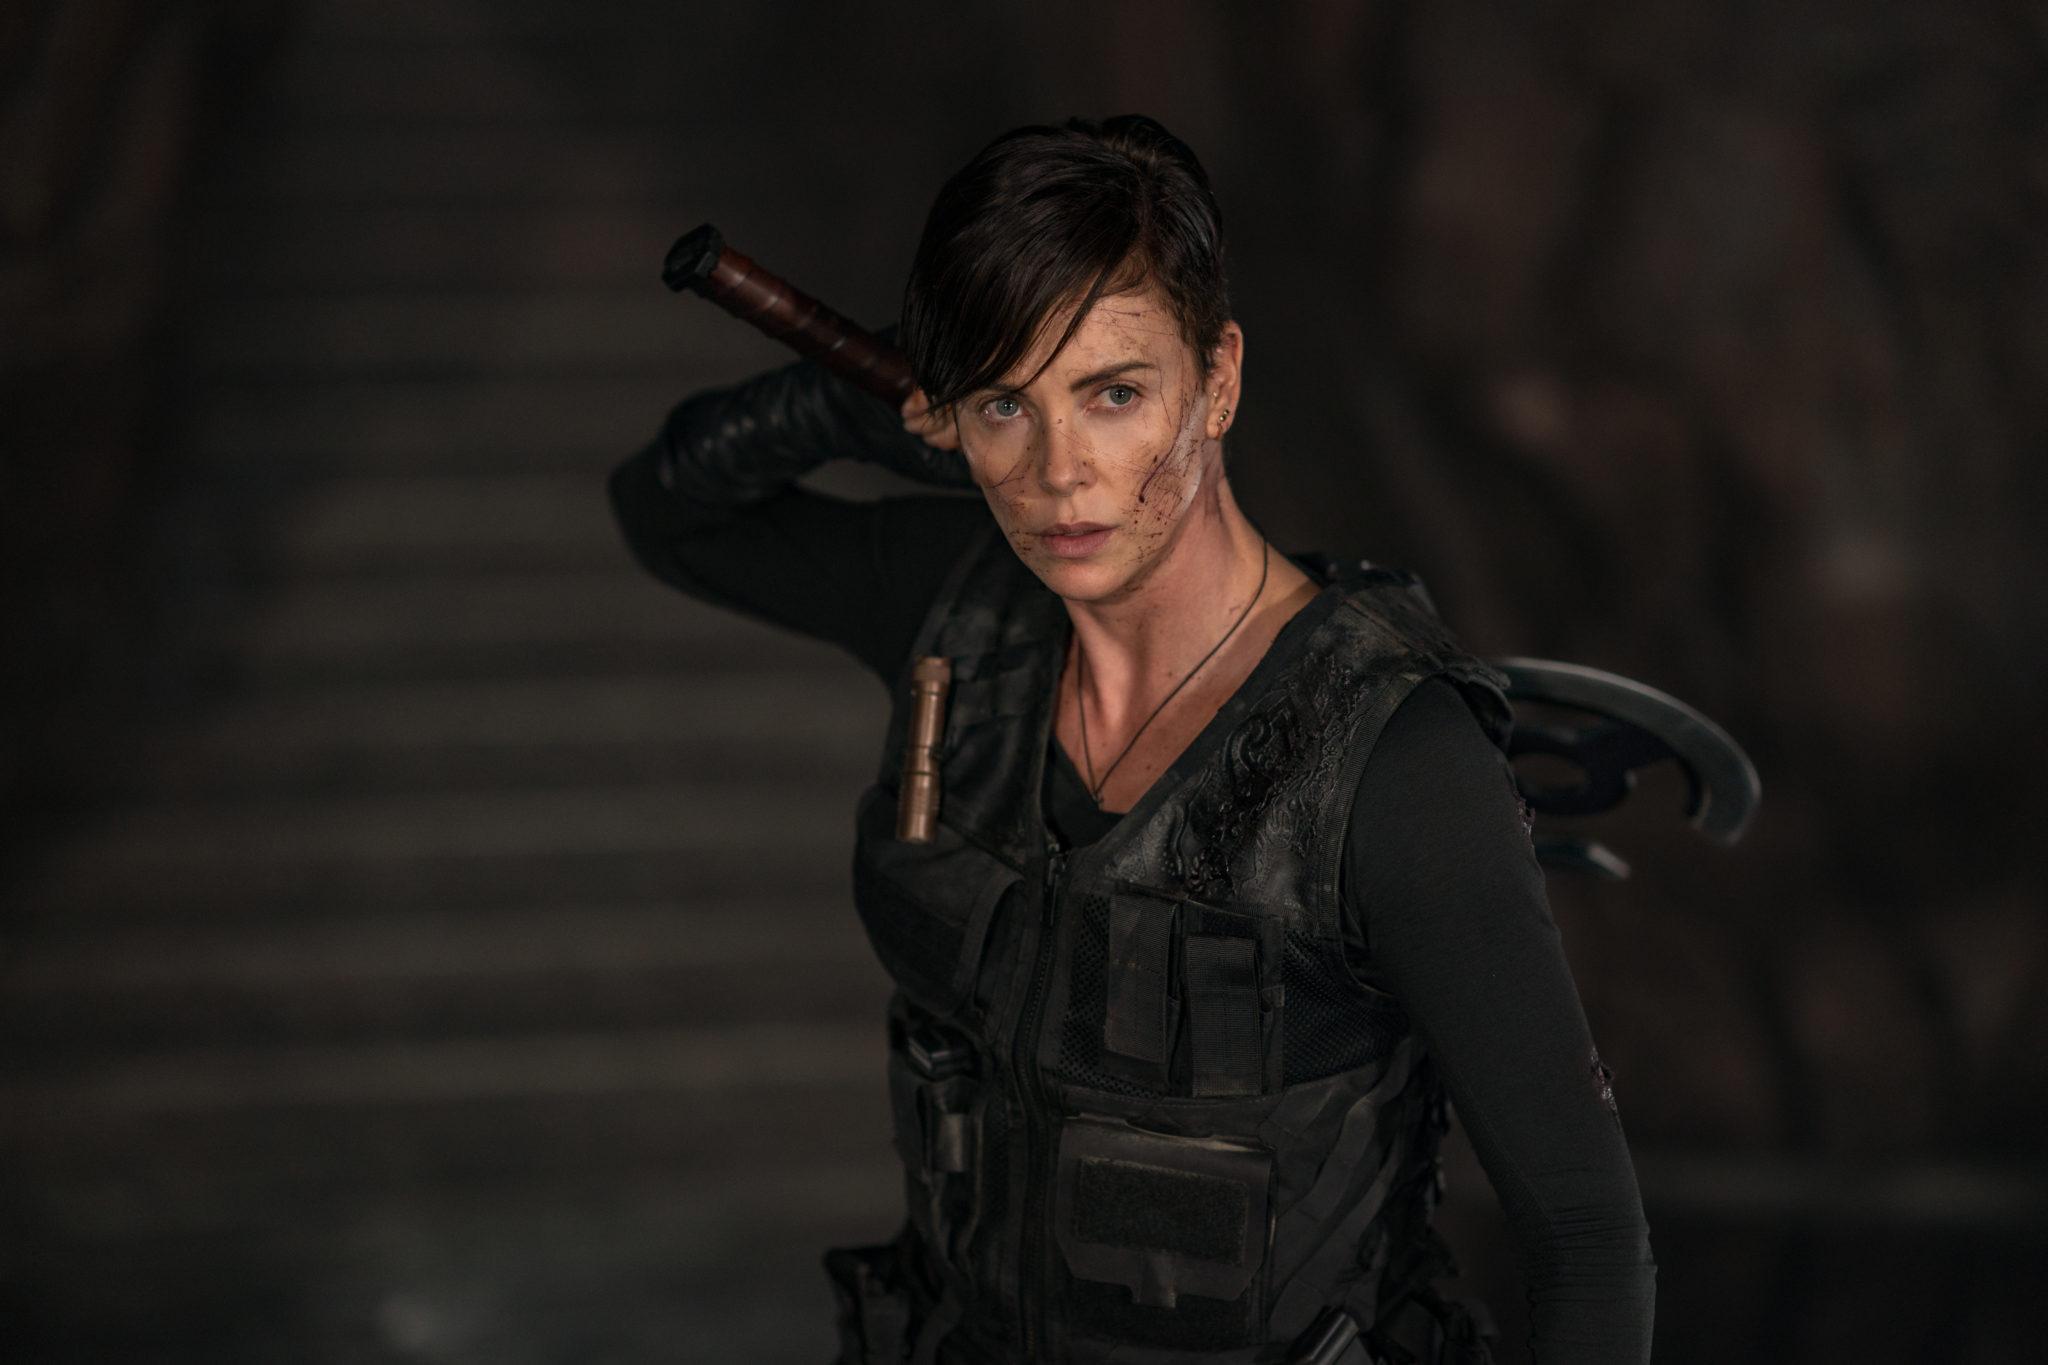 Charlize Theron als Andy, die Anführerin der Old Guard, hält mit gespanntem Blick hinter ihrem Rücken eine axtähnliche Waffe